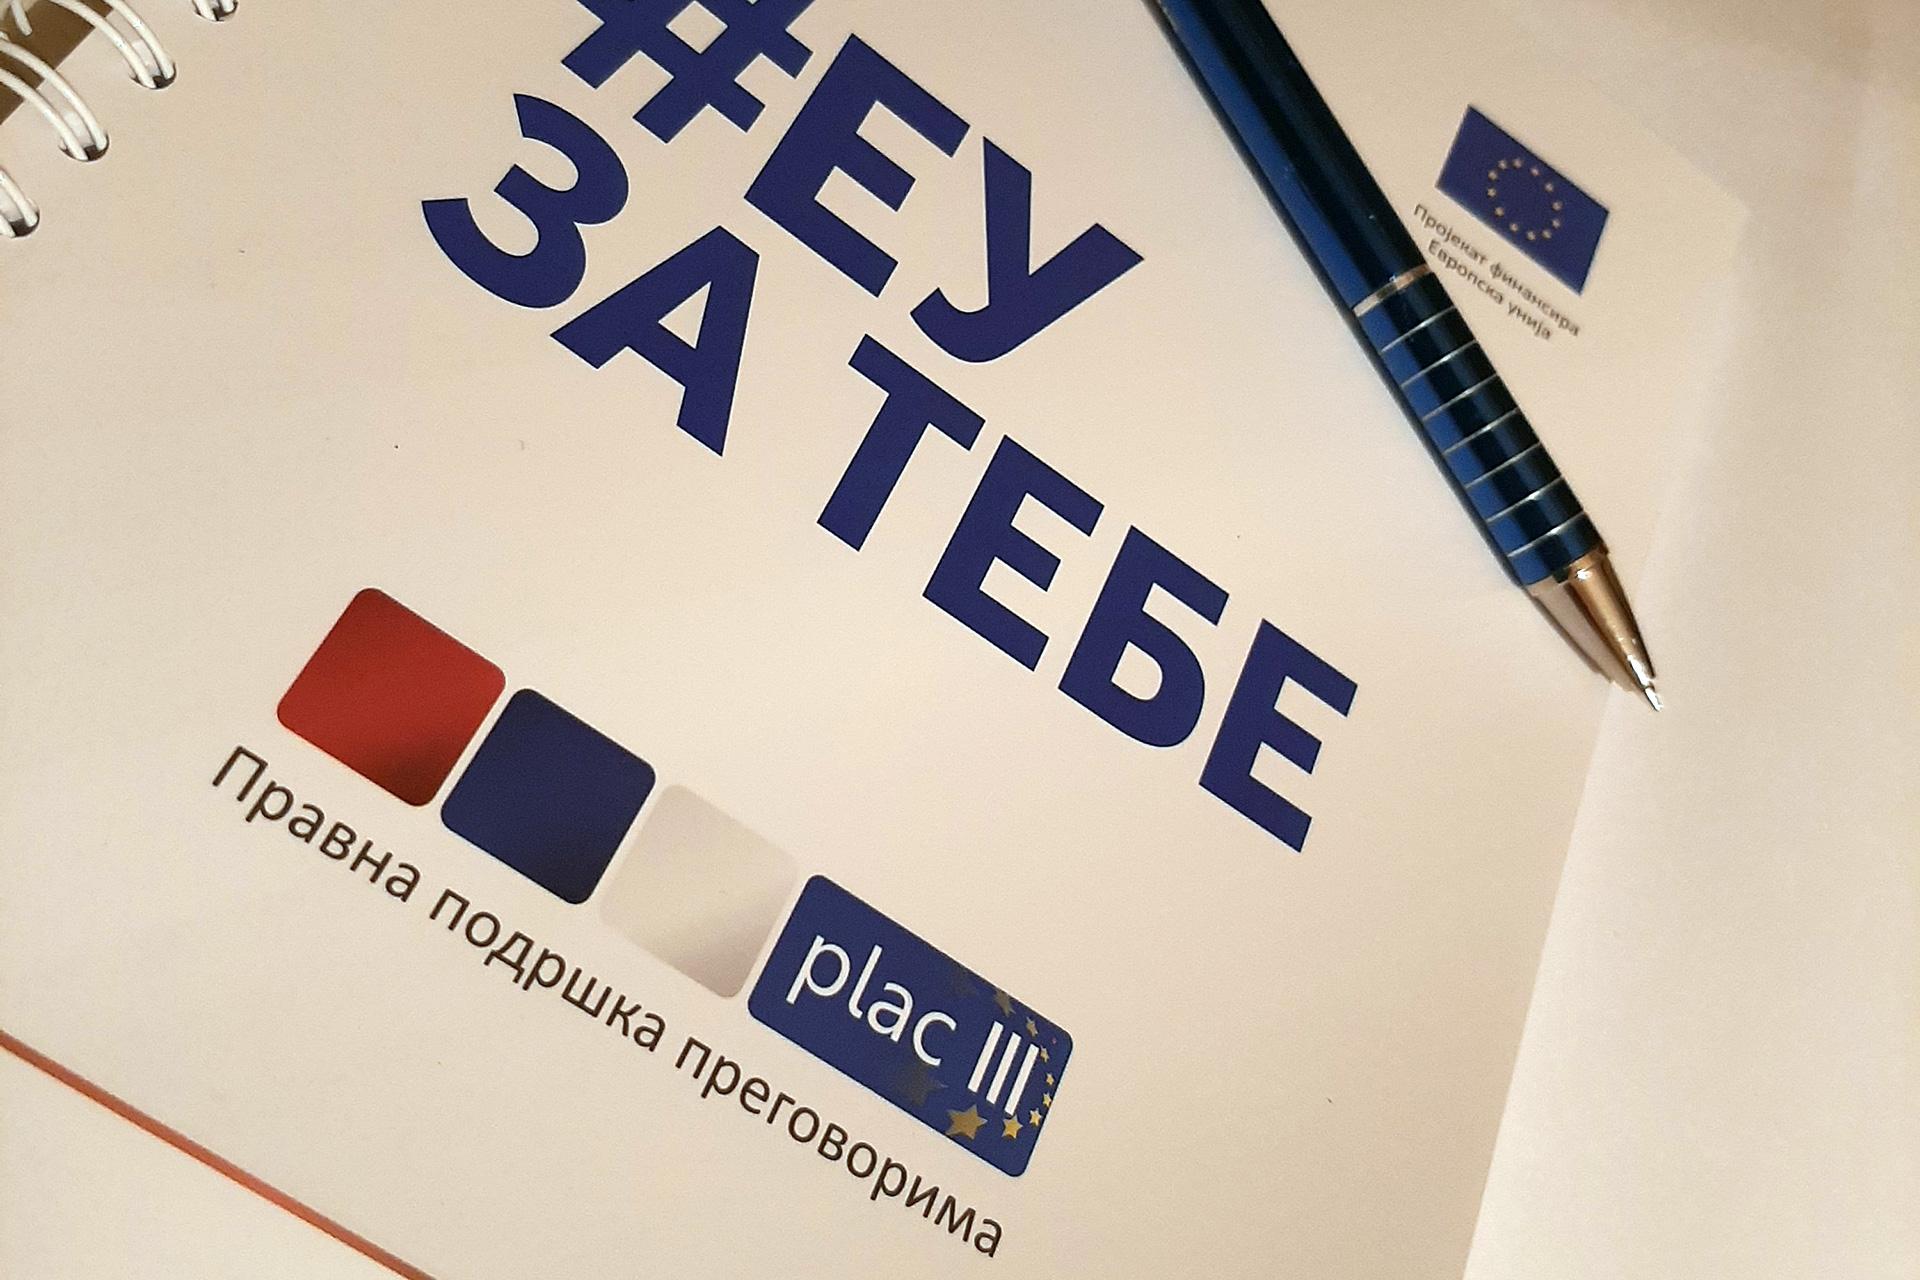 PLAC III projekat produžen do jula 2022. godine